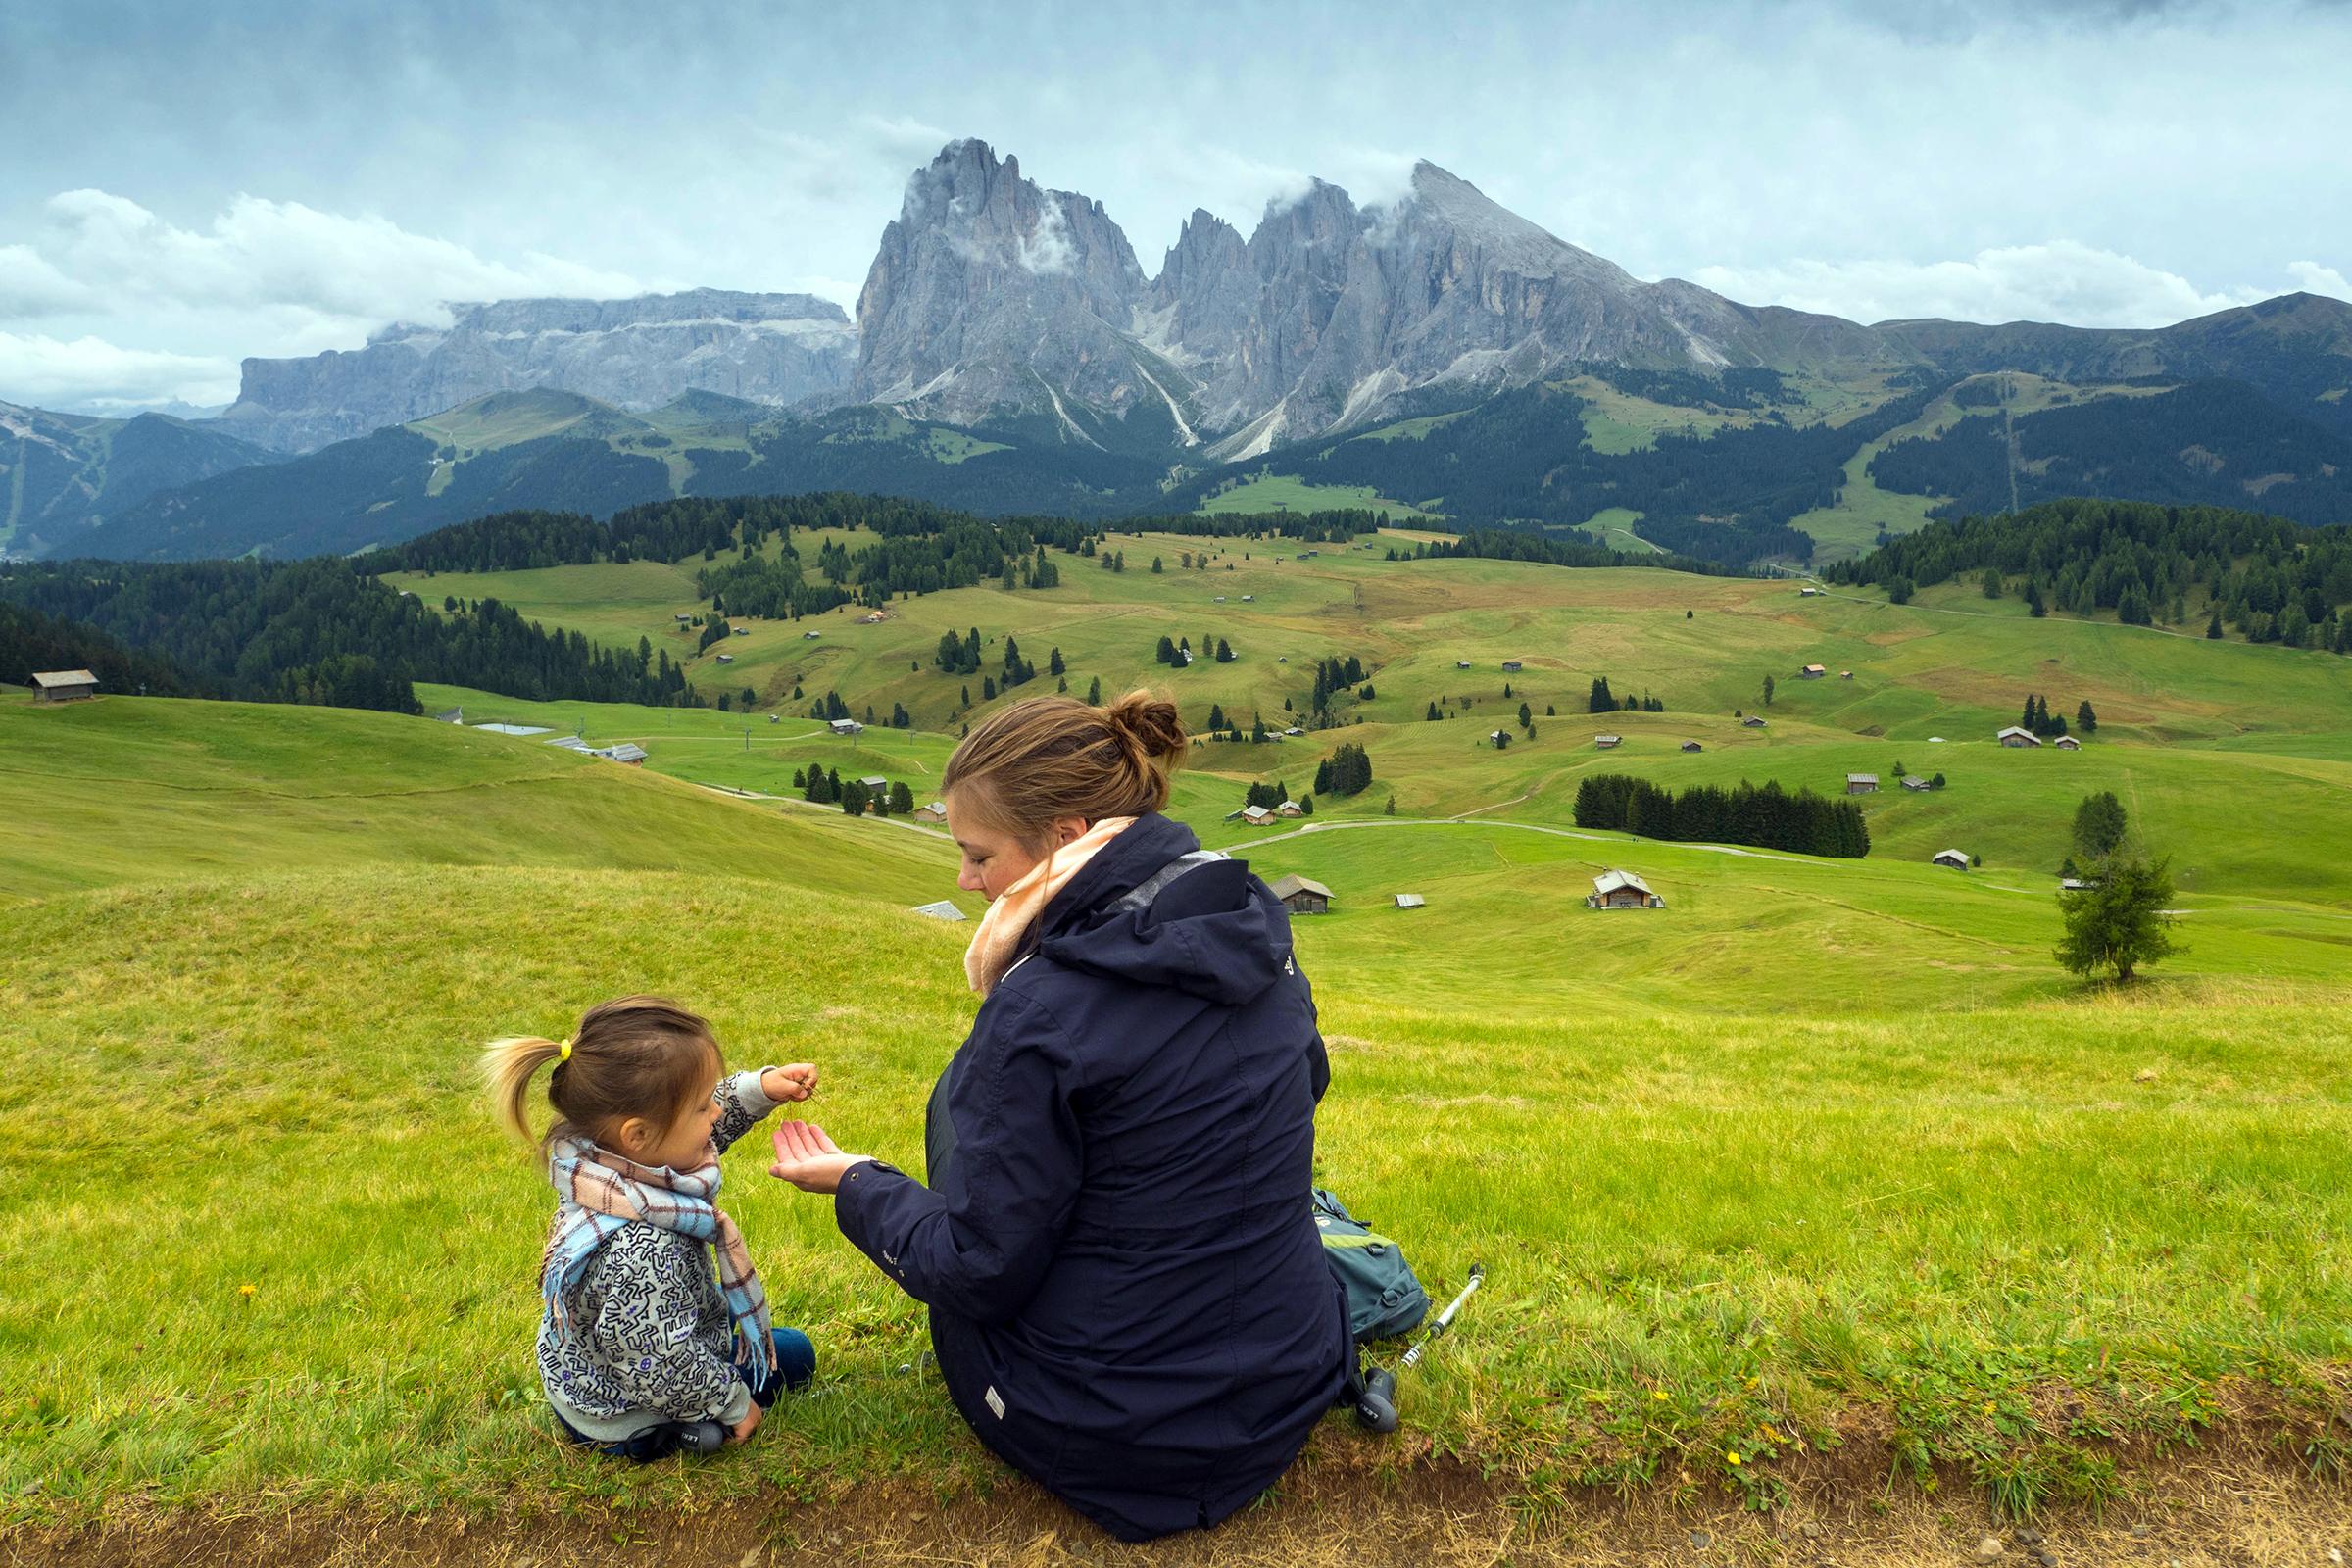 Schitterend uitzicht in de bergen